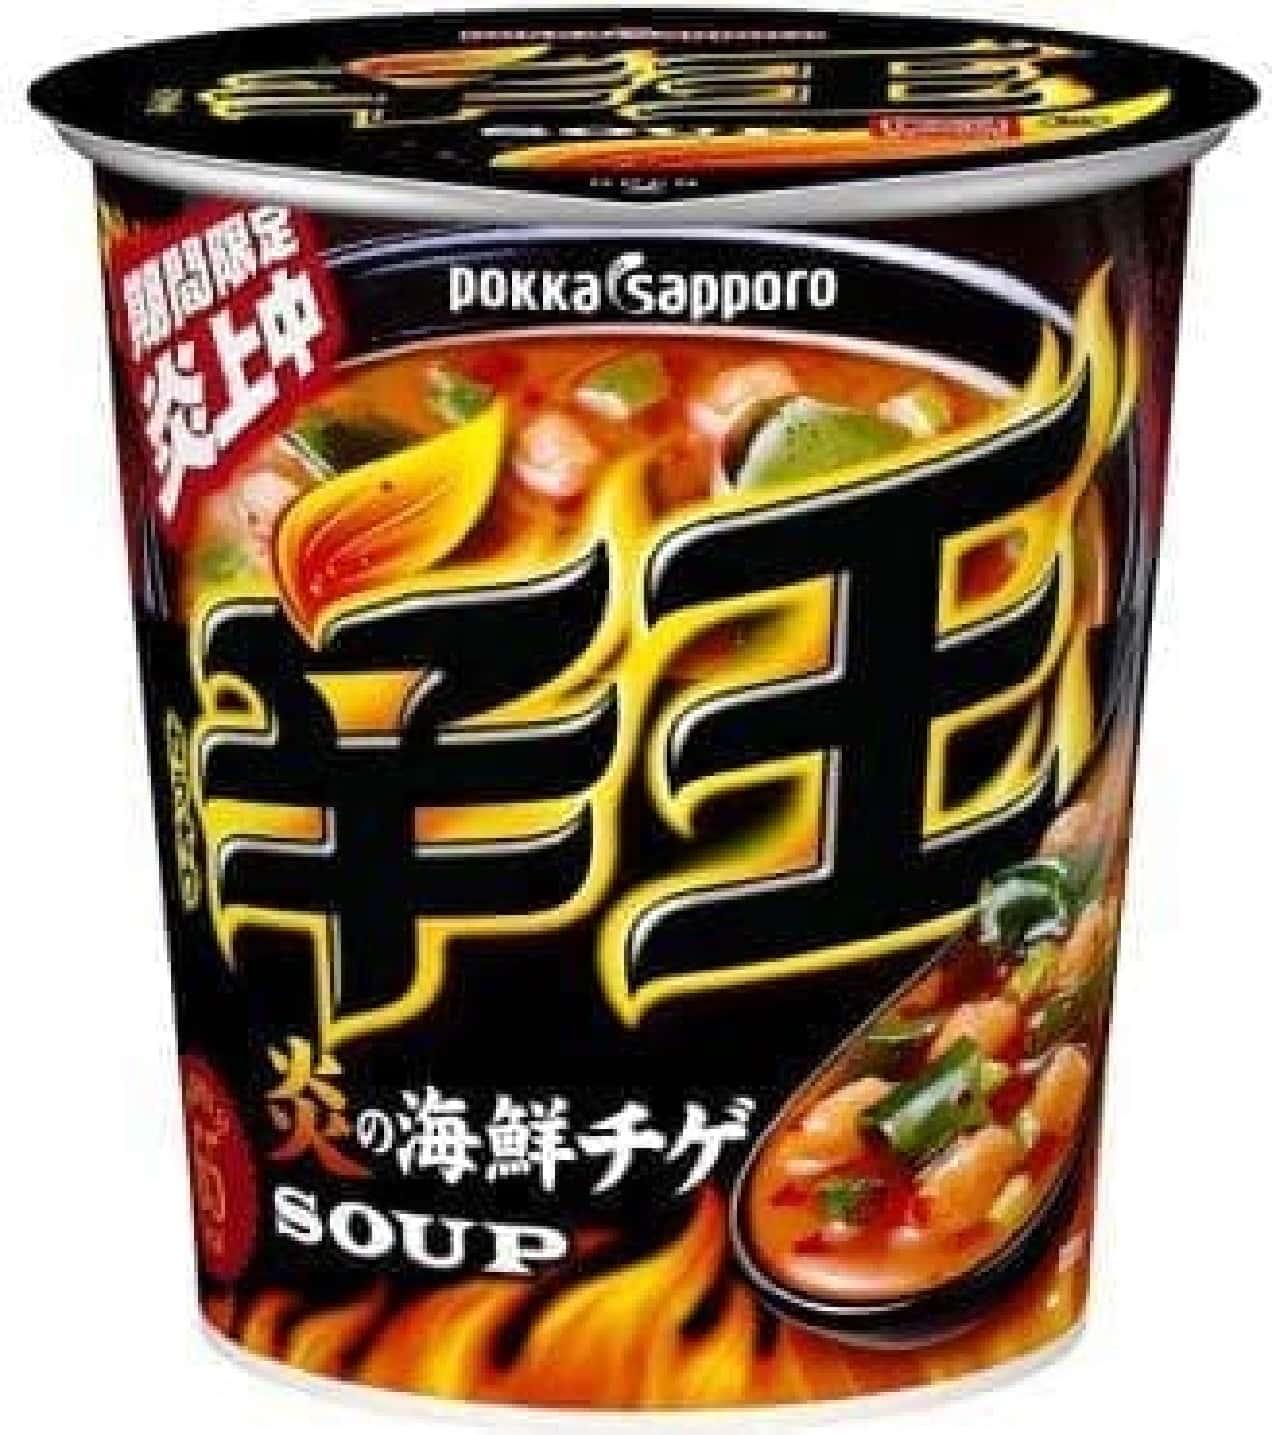 ポッカサッポロ辛王 炎の海鮮チゲスープ